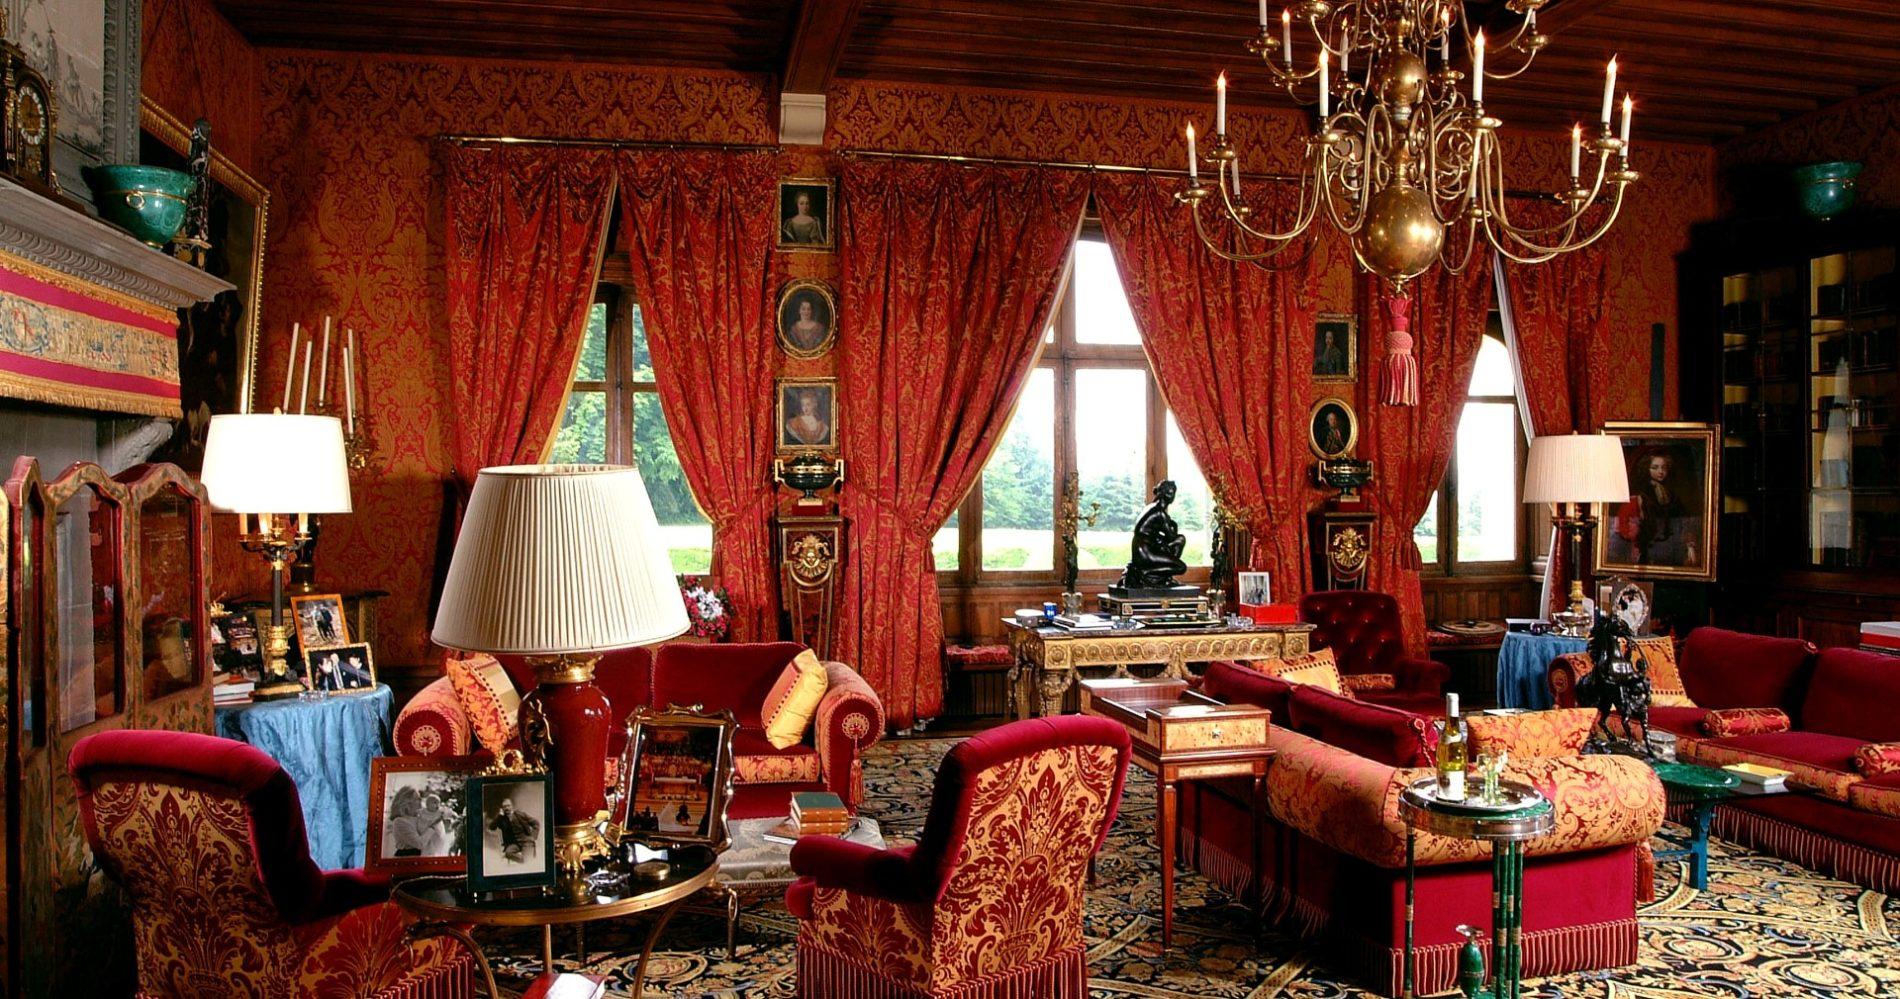 Chateau de menetou salon ww24 jornalagora - Menetou salon chateau ...